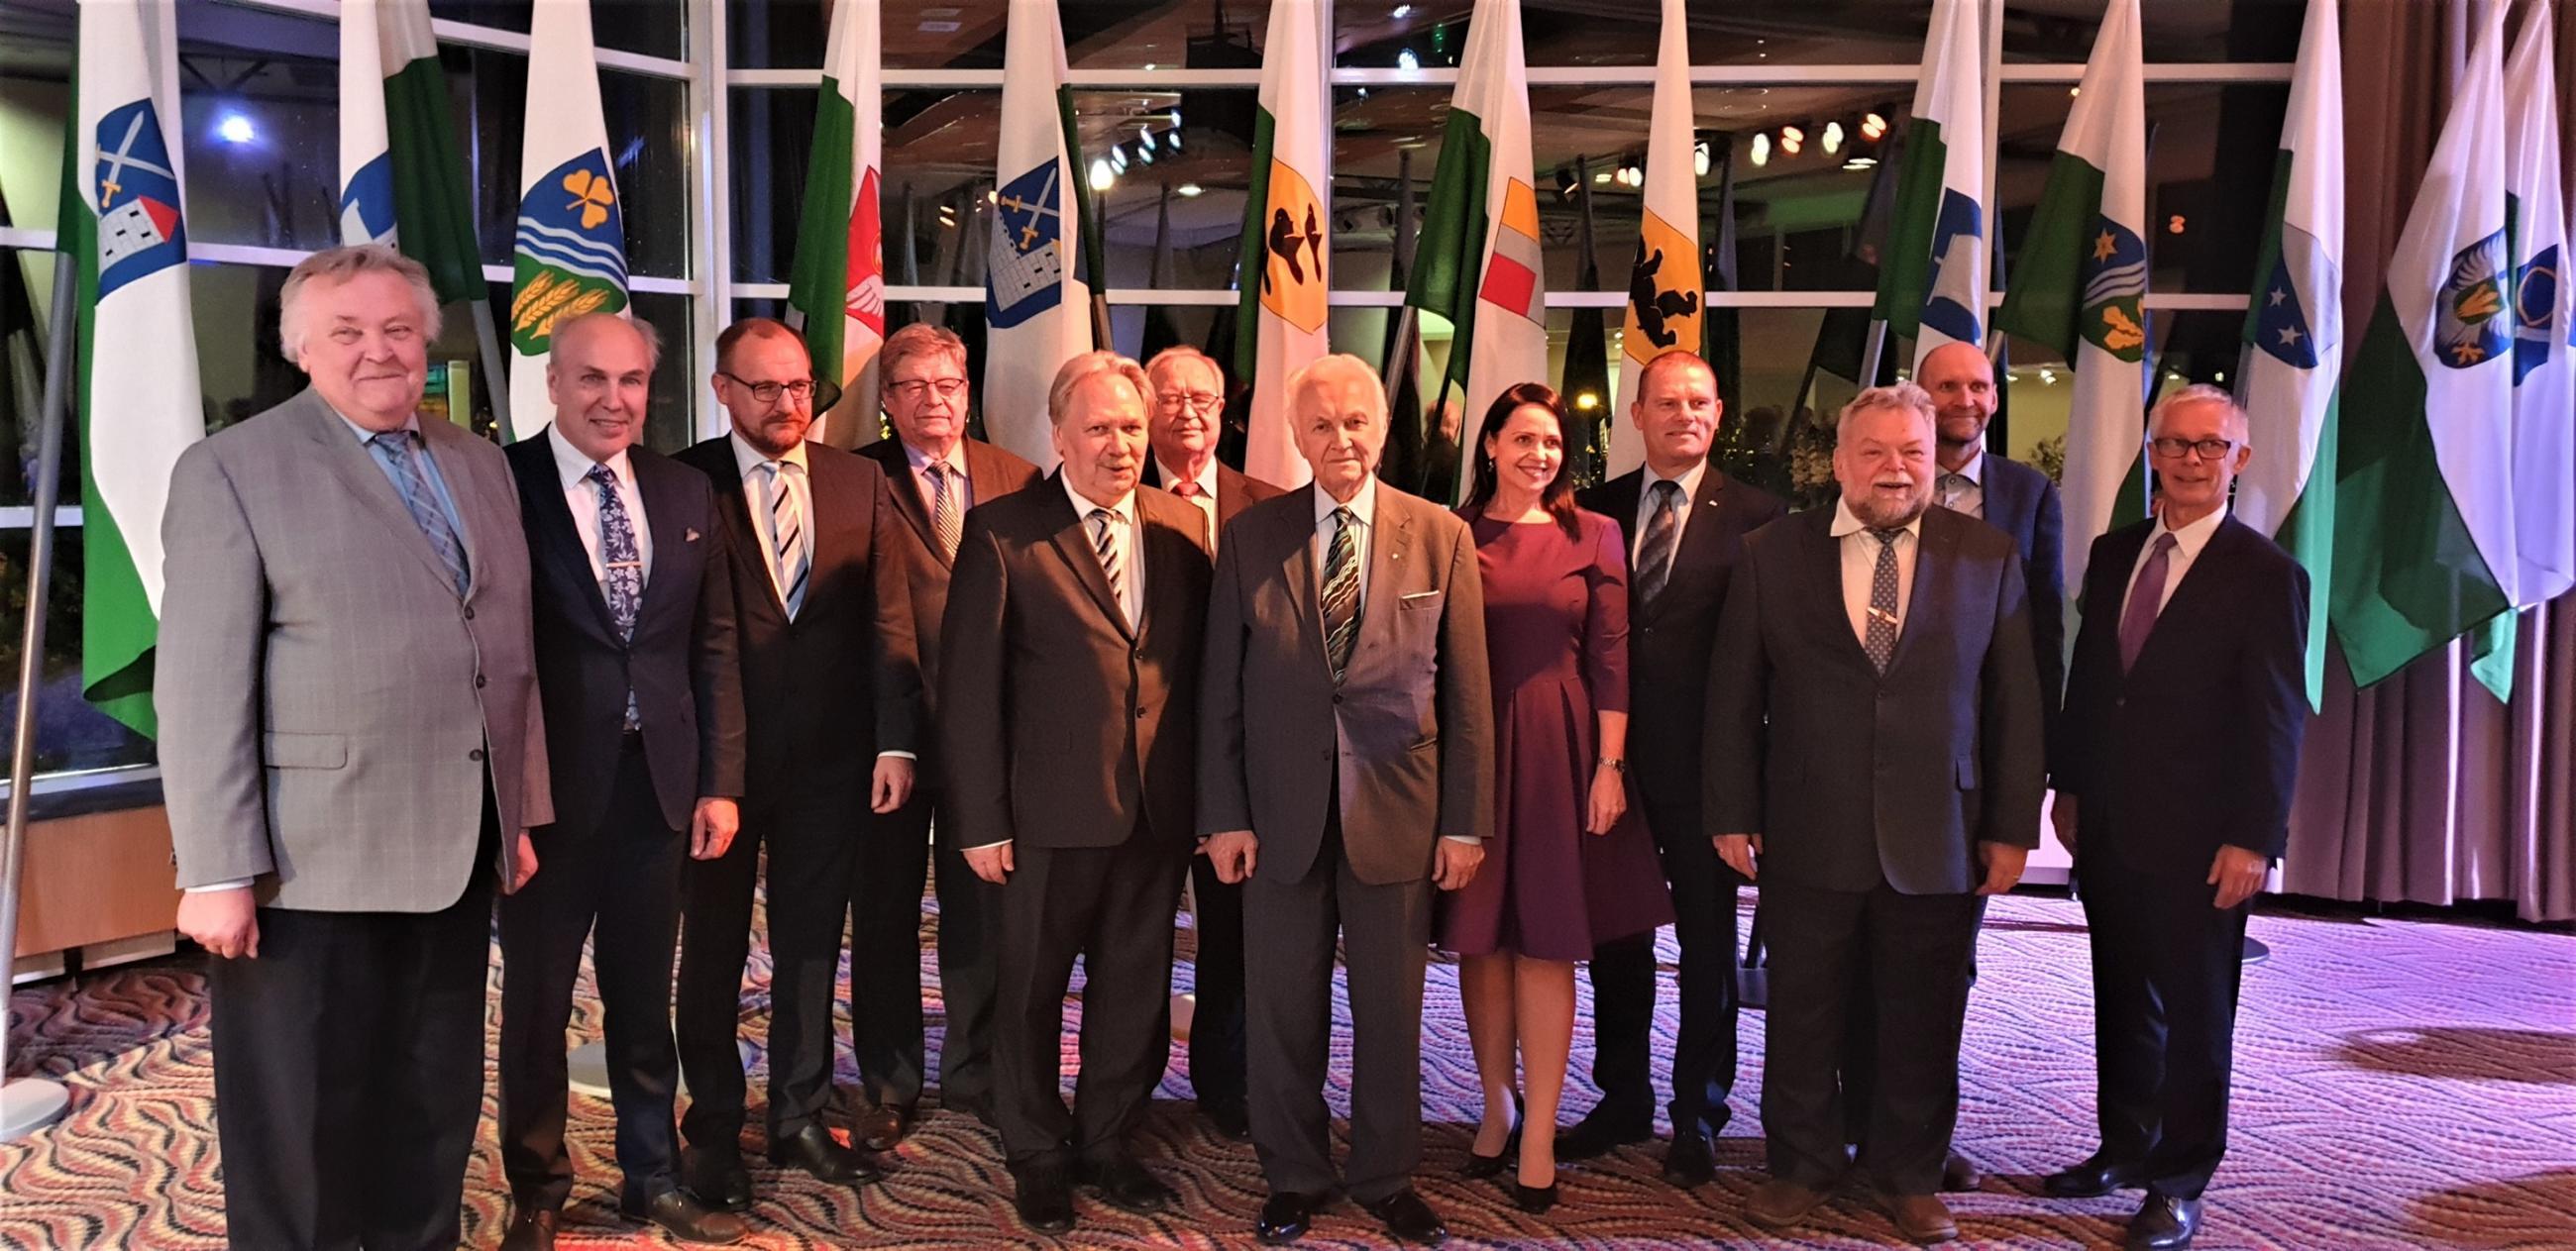 Omavalitsuspäevade korraldusmeeskond koos Arnold Rüütliga